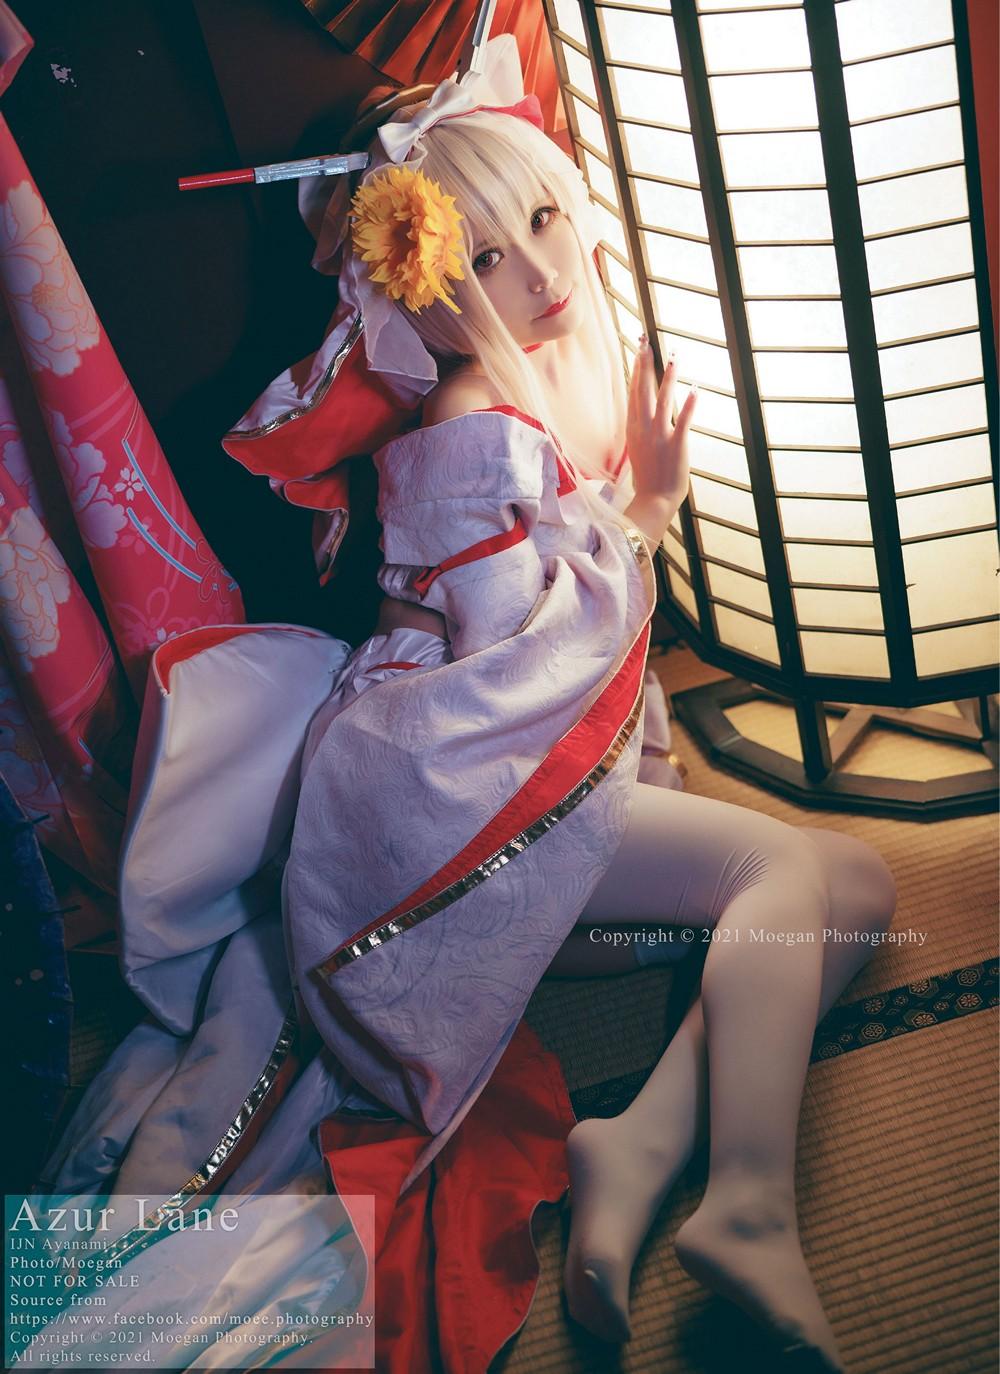 [醉宮 Yomiya] Ayanami, wedding ver. (アズールレーン) - COSPLAY -